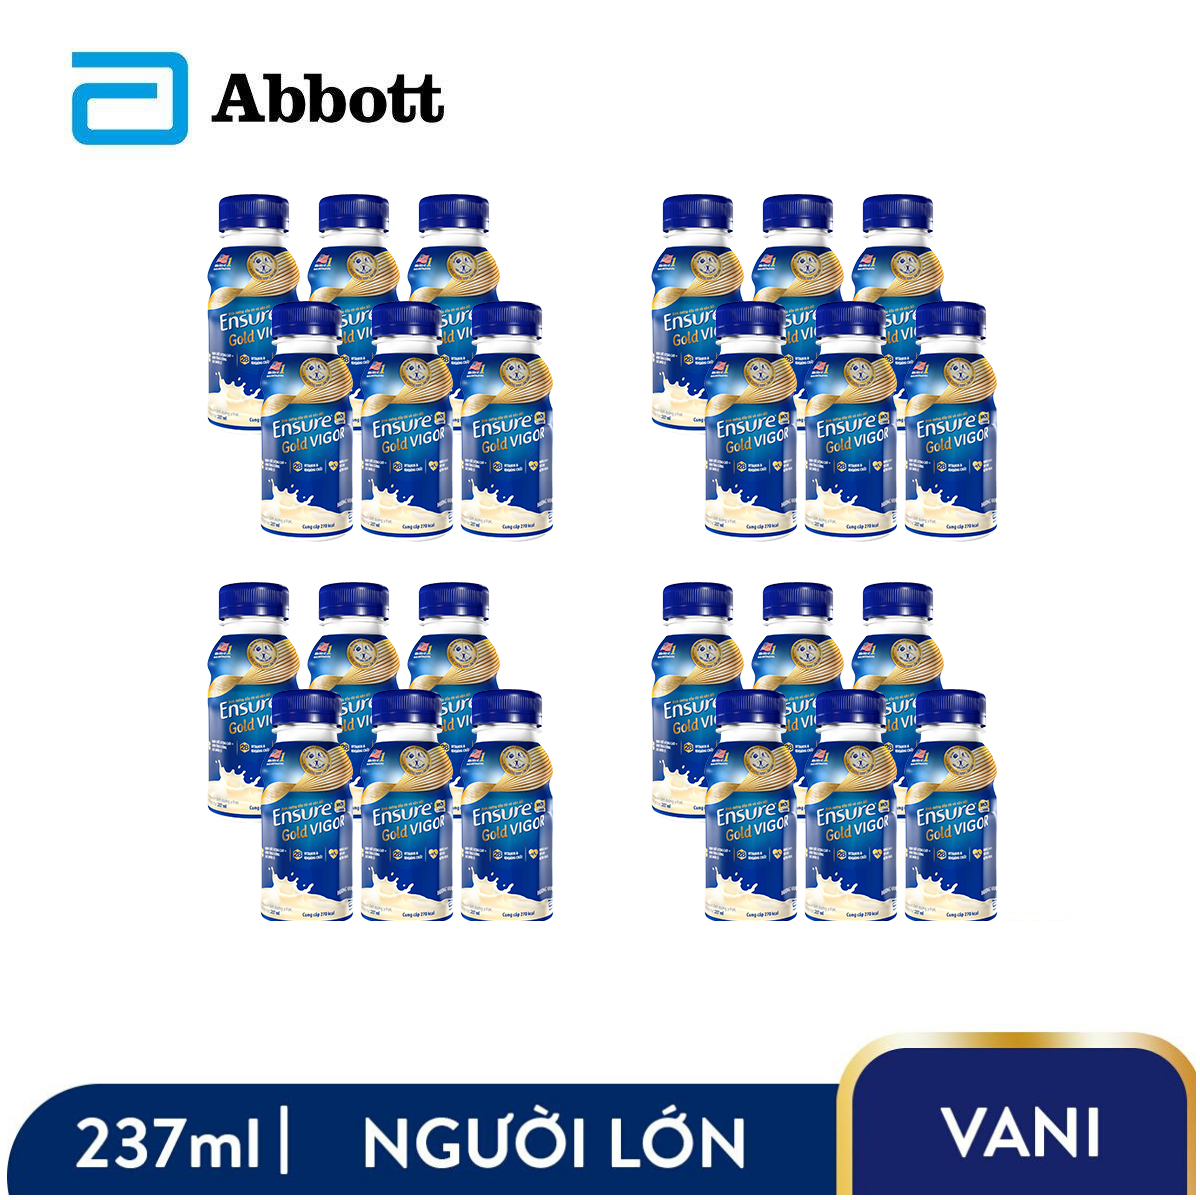 Voucher Khuyến Mãi Thùng 24 Chai Sữa Nước Ensure Gold Vigor 237ml